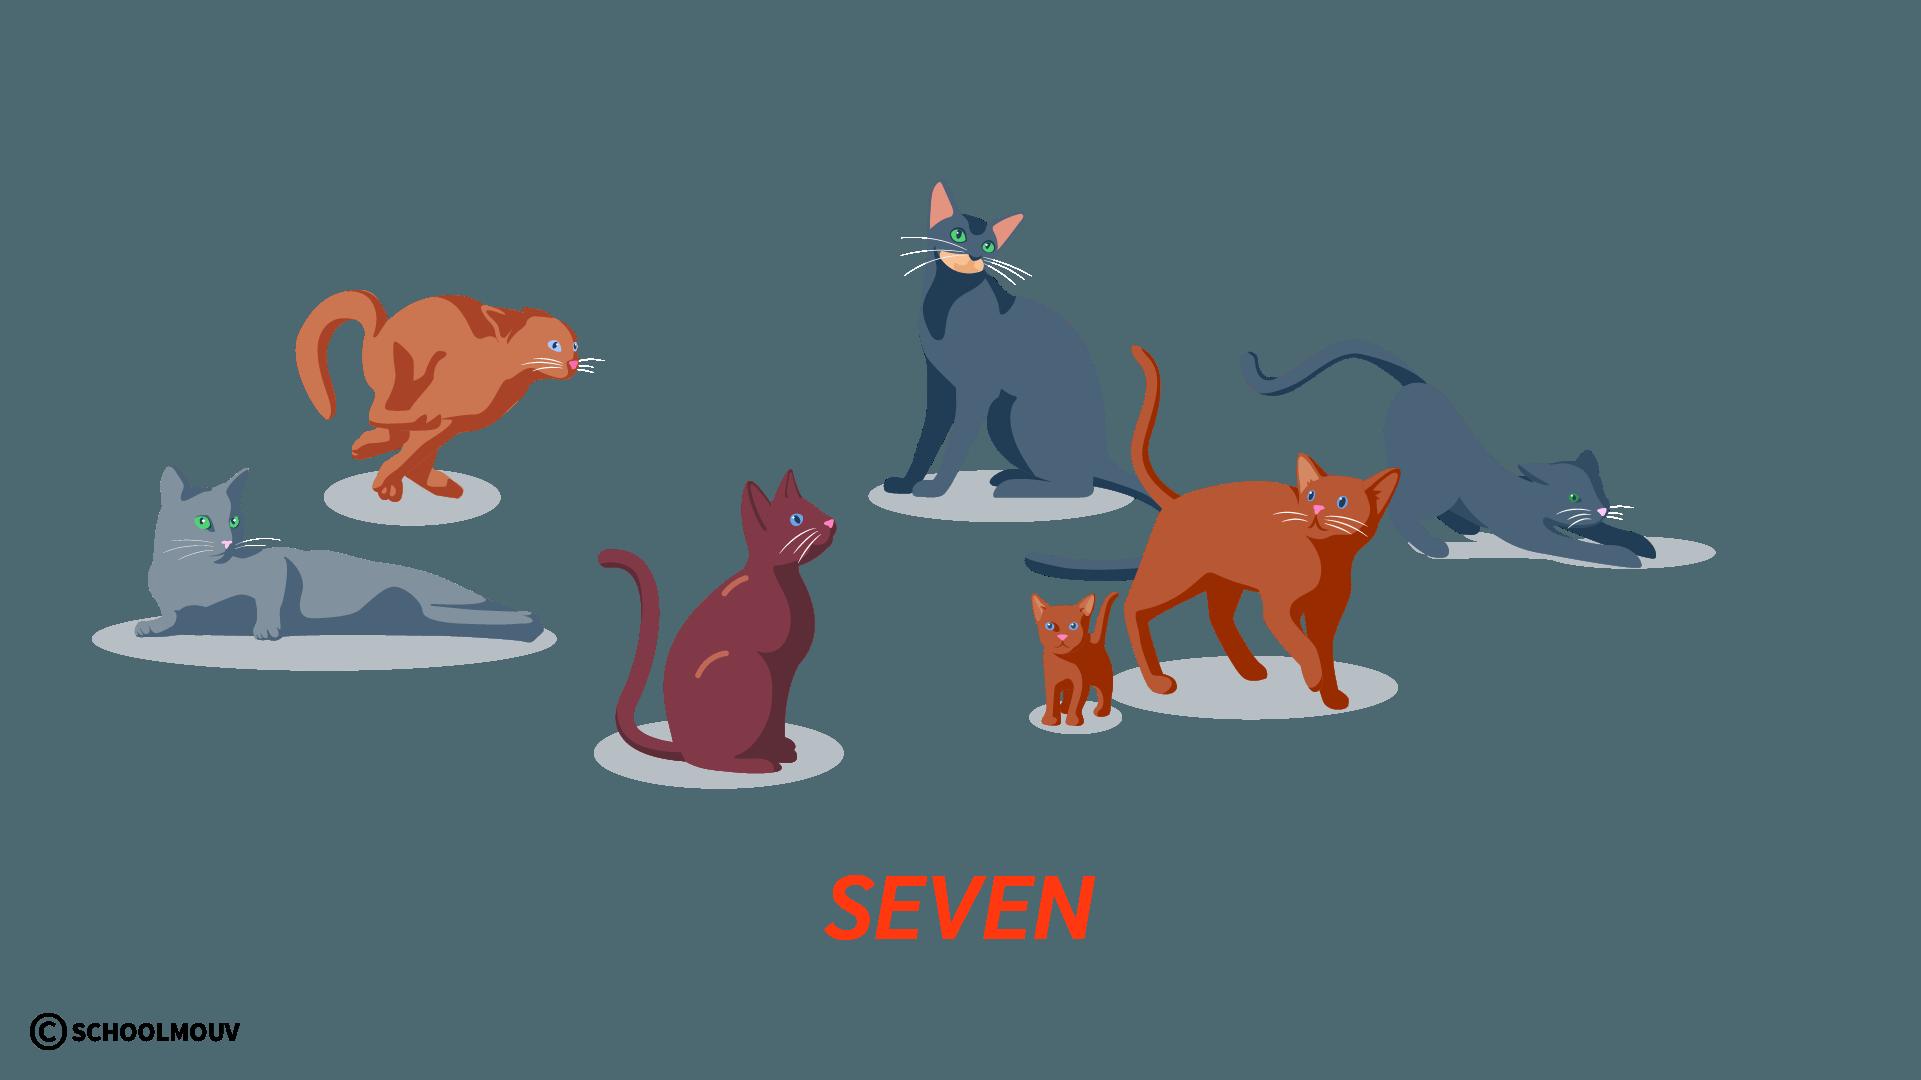 sept seven un nombres compter anglais